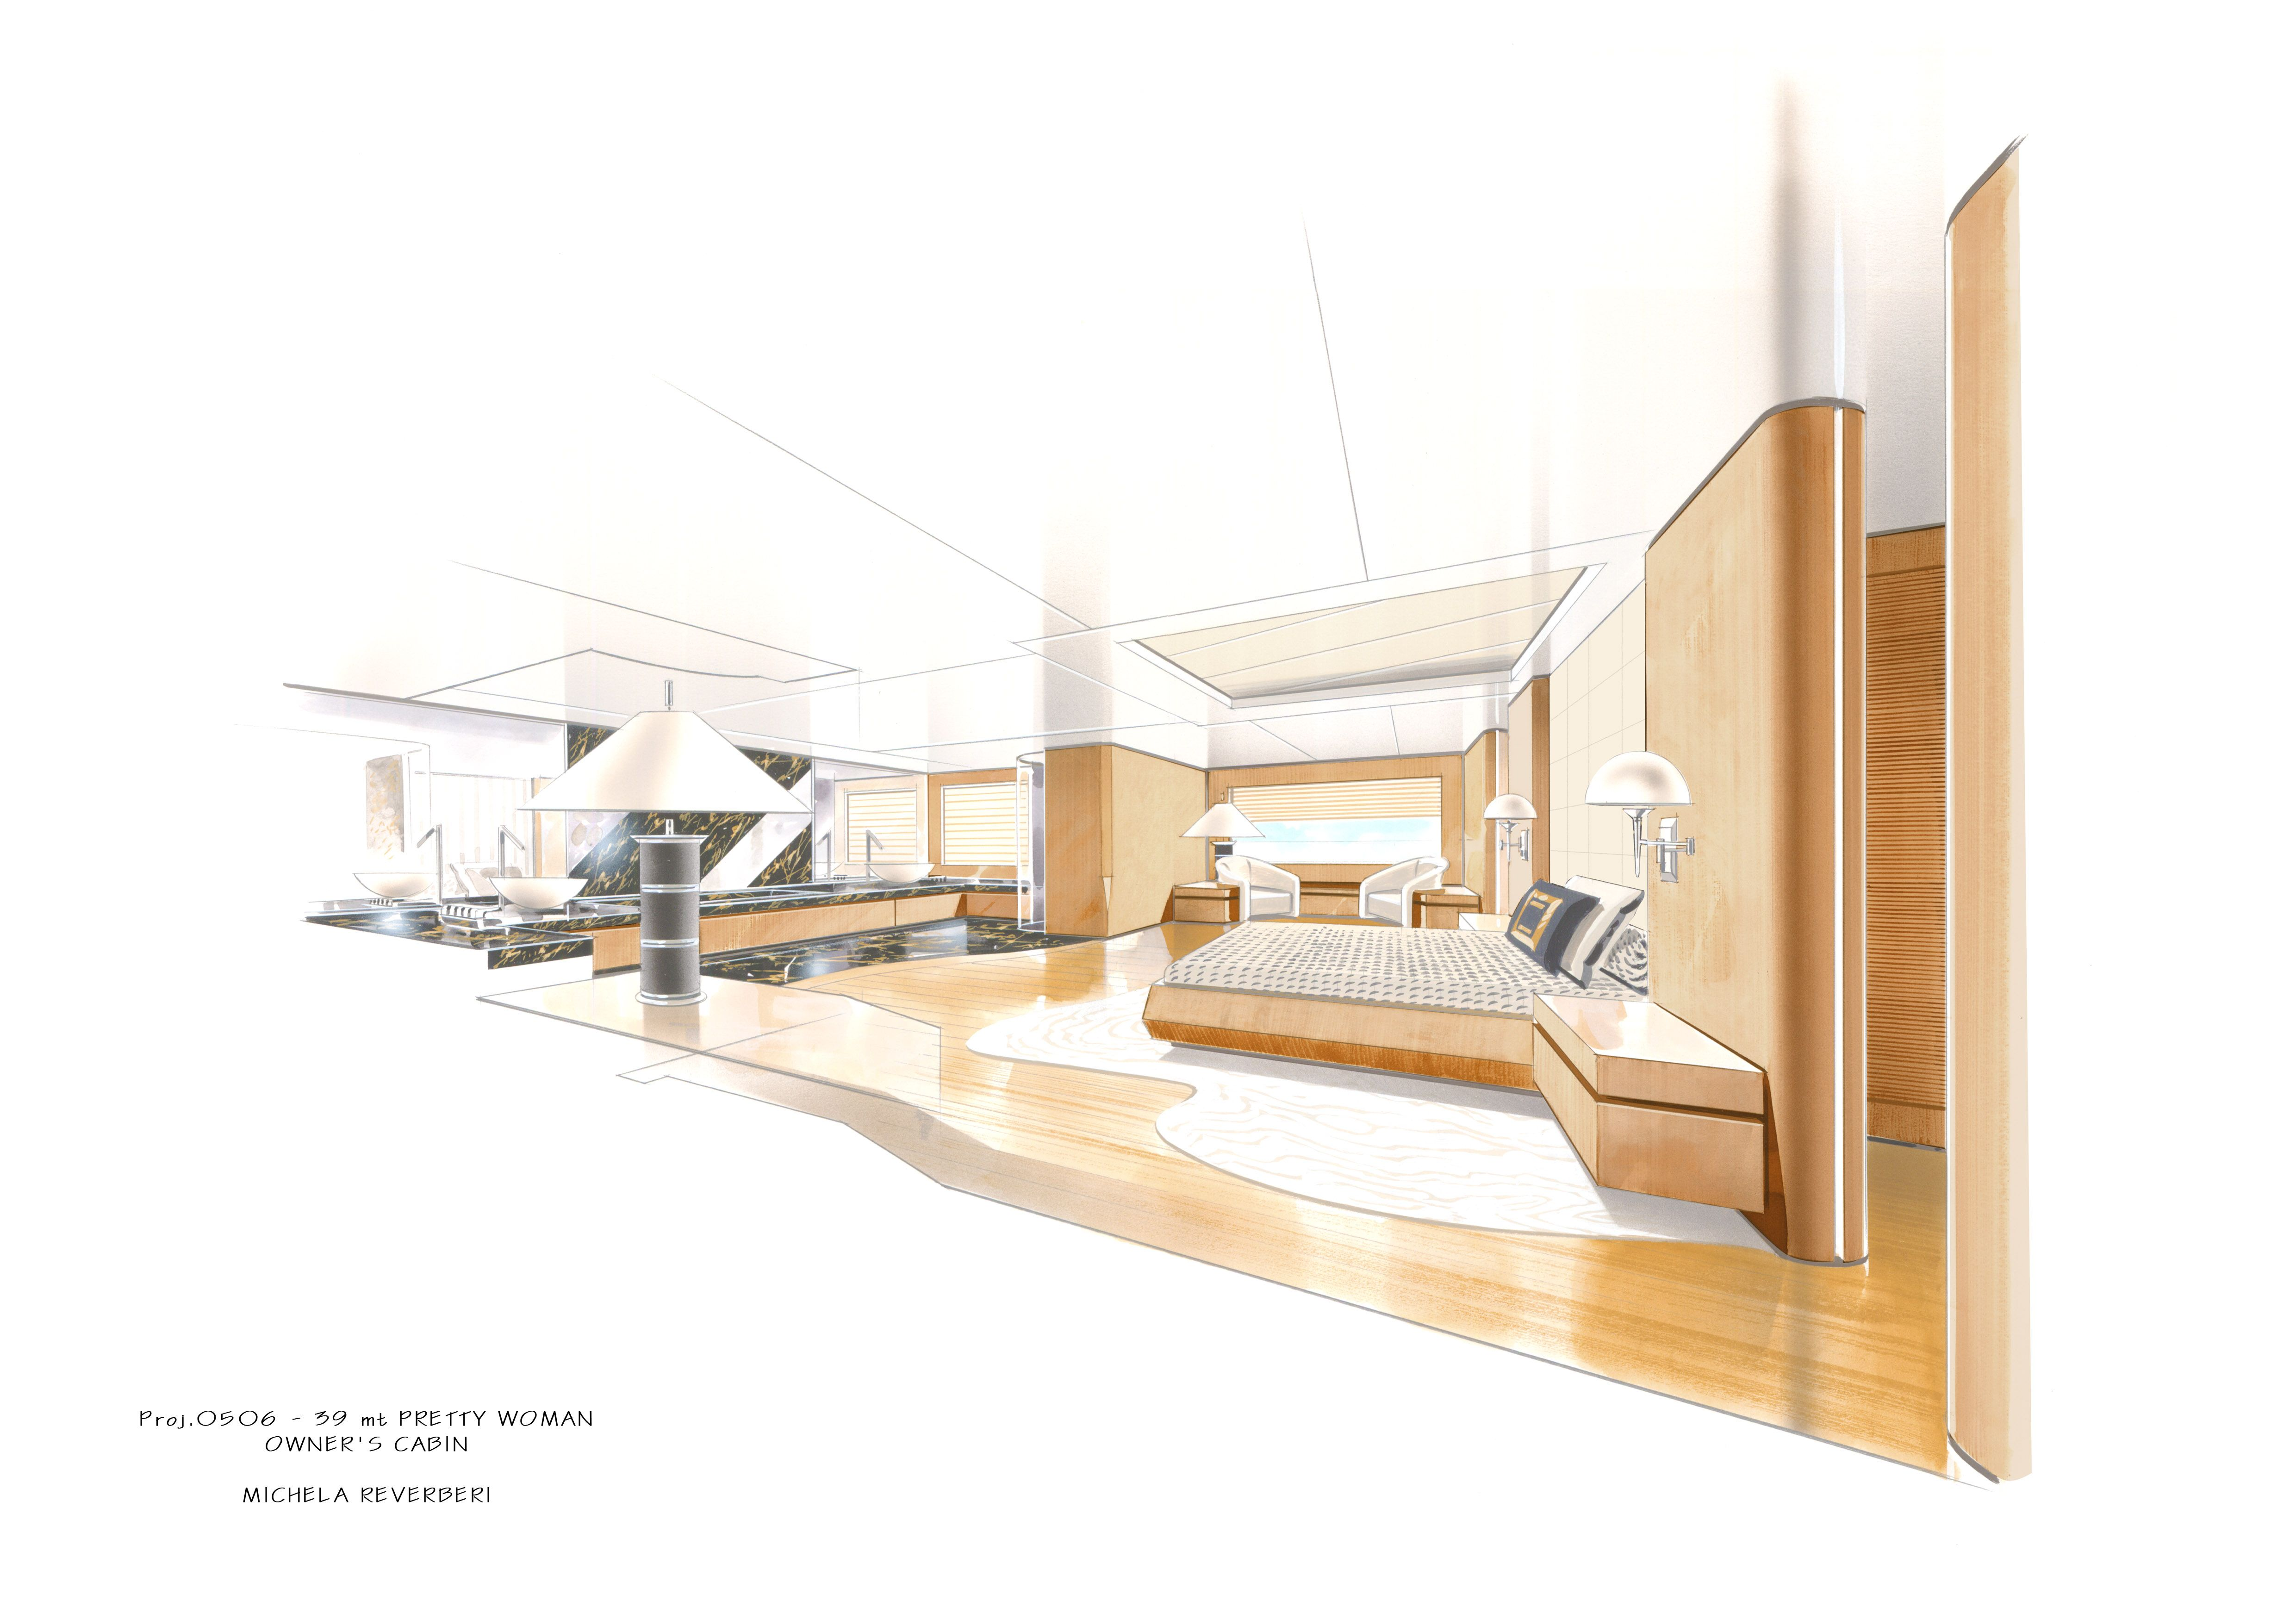 Boat Interior Design michela reverberi is an italian interior designer, well known for